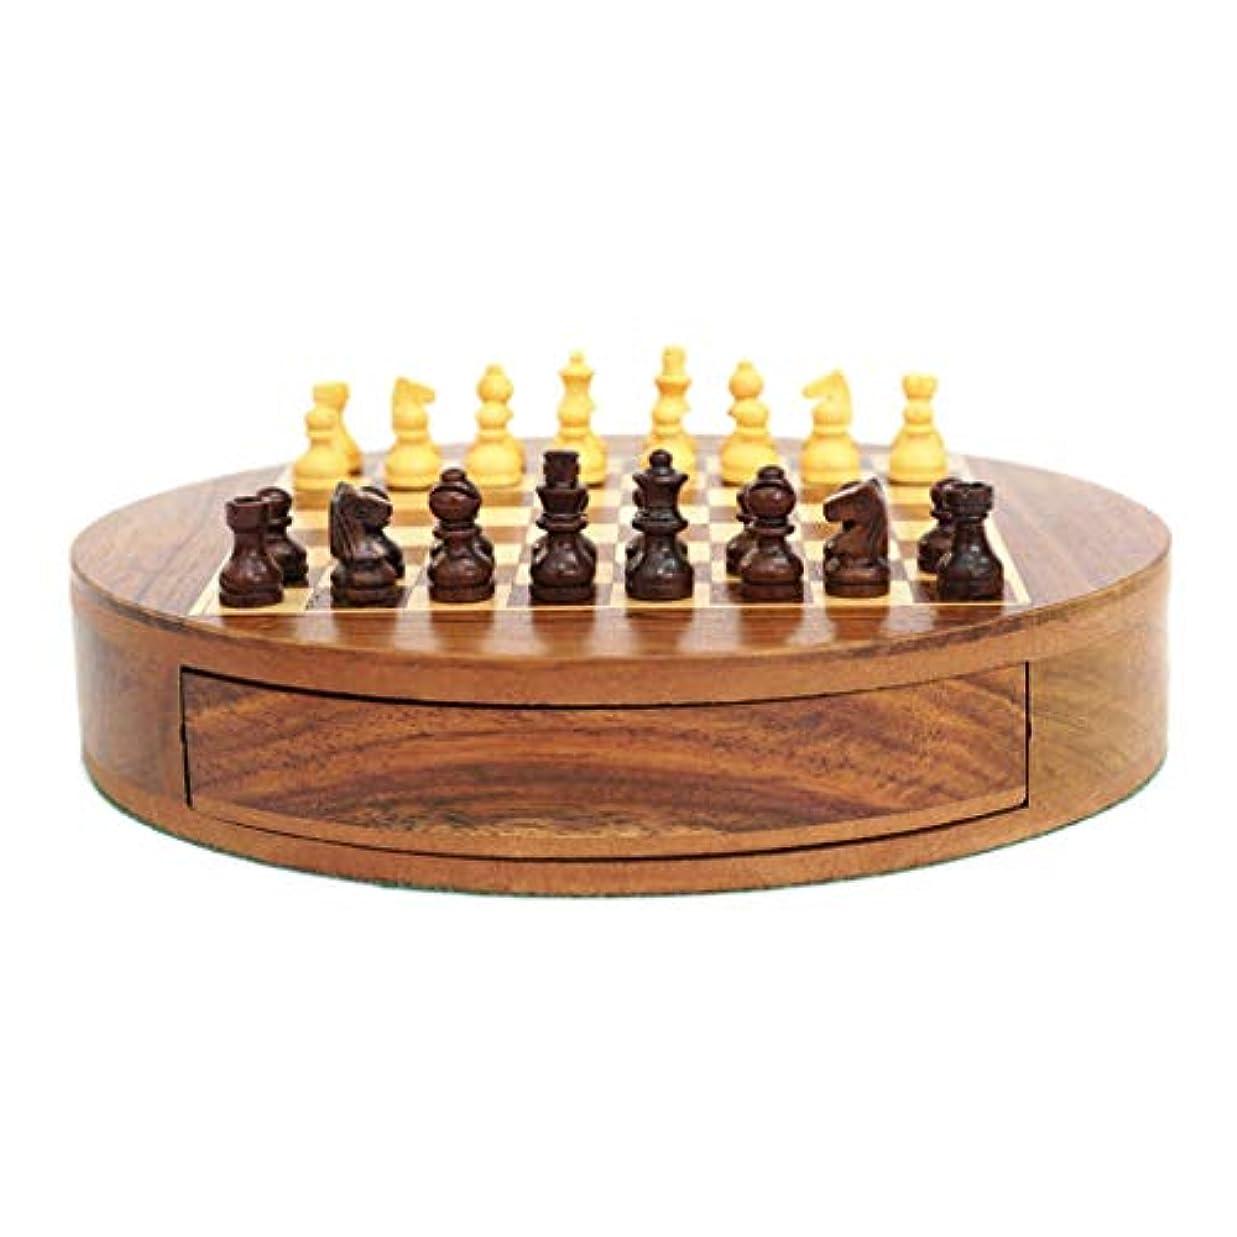 チェス クリエイティブ木製ラウンドチェスセット磁気チェスピースキッズ知育開発玩具引き出し収納チェッカーチェス チェス (Color : Wood, サイズ : 22.7*22.7*4cm)